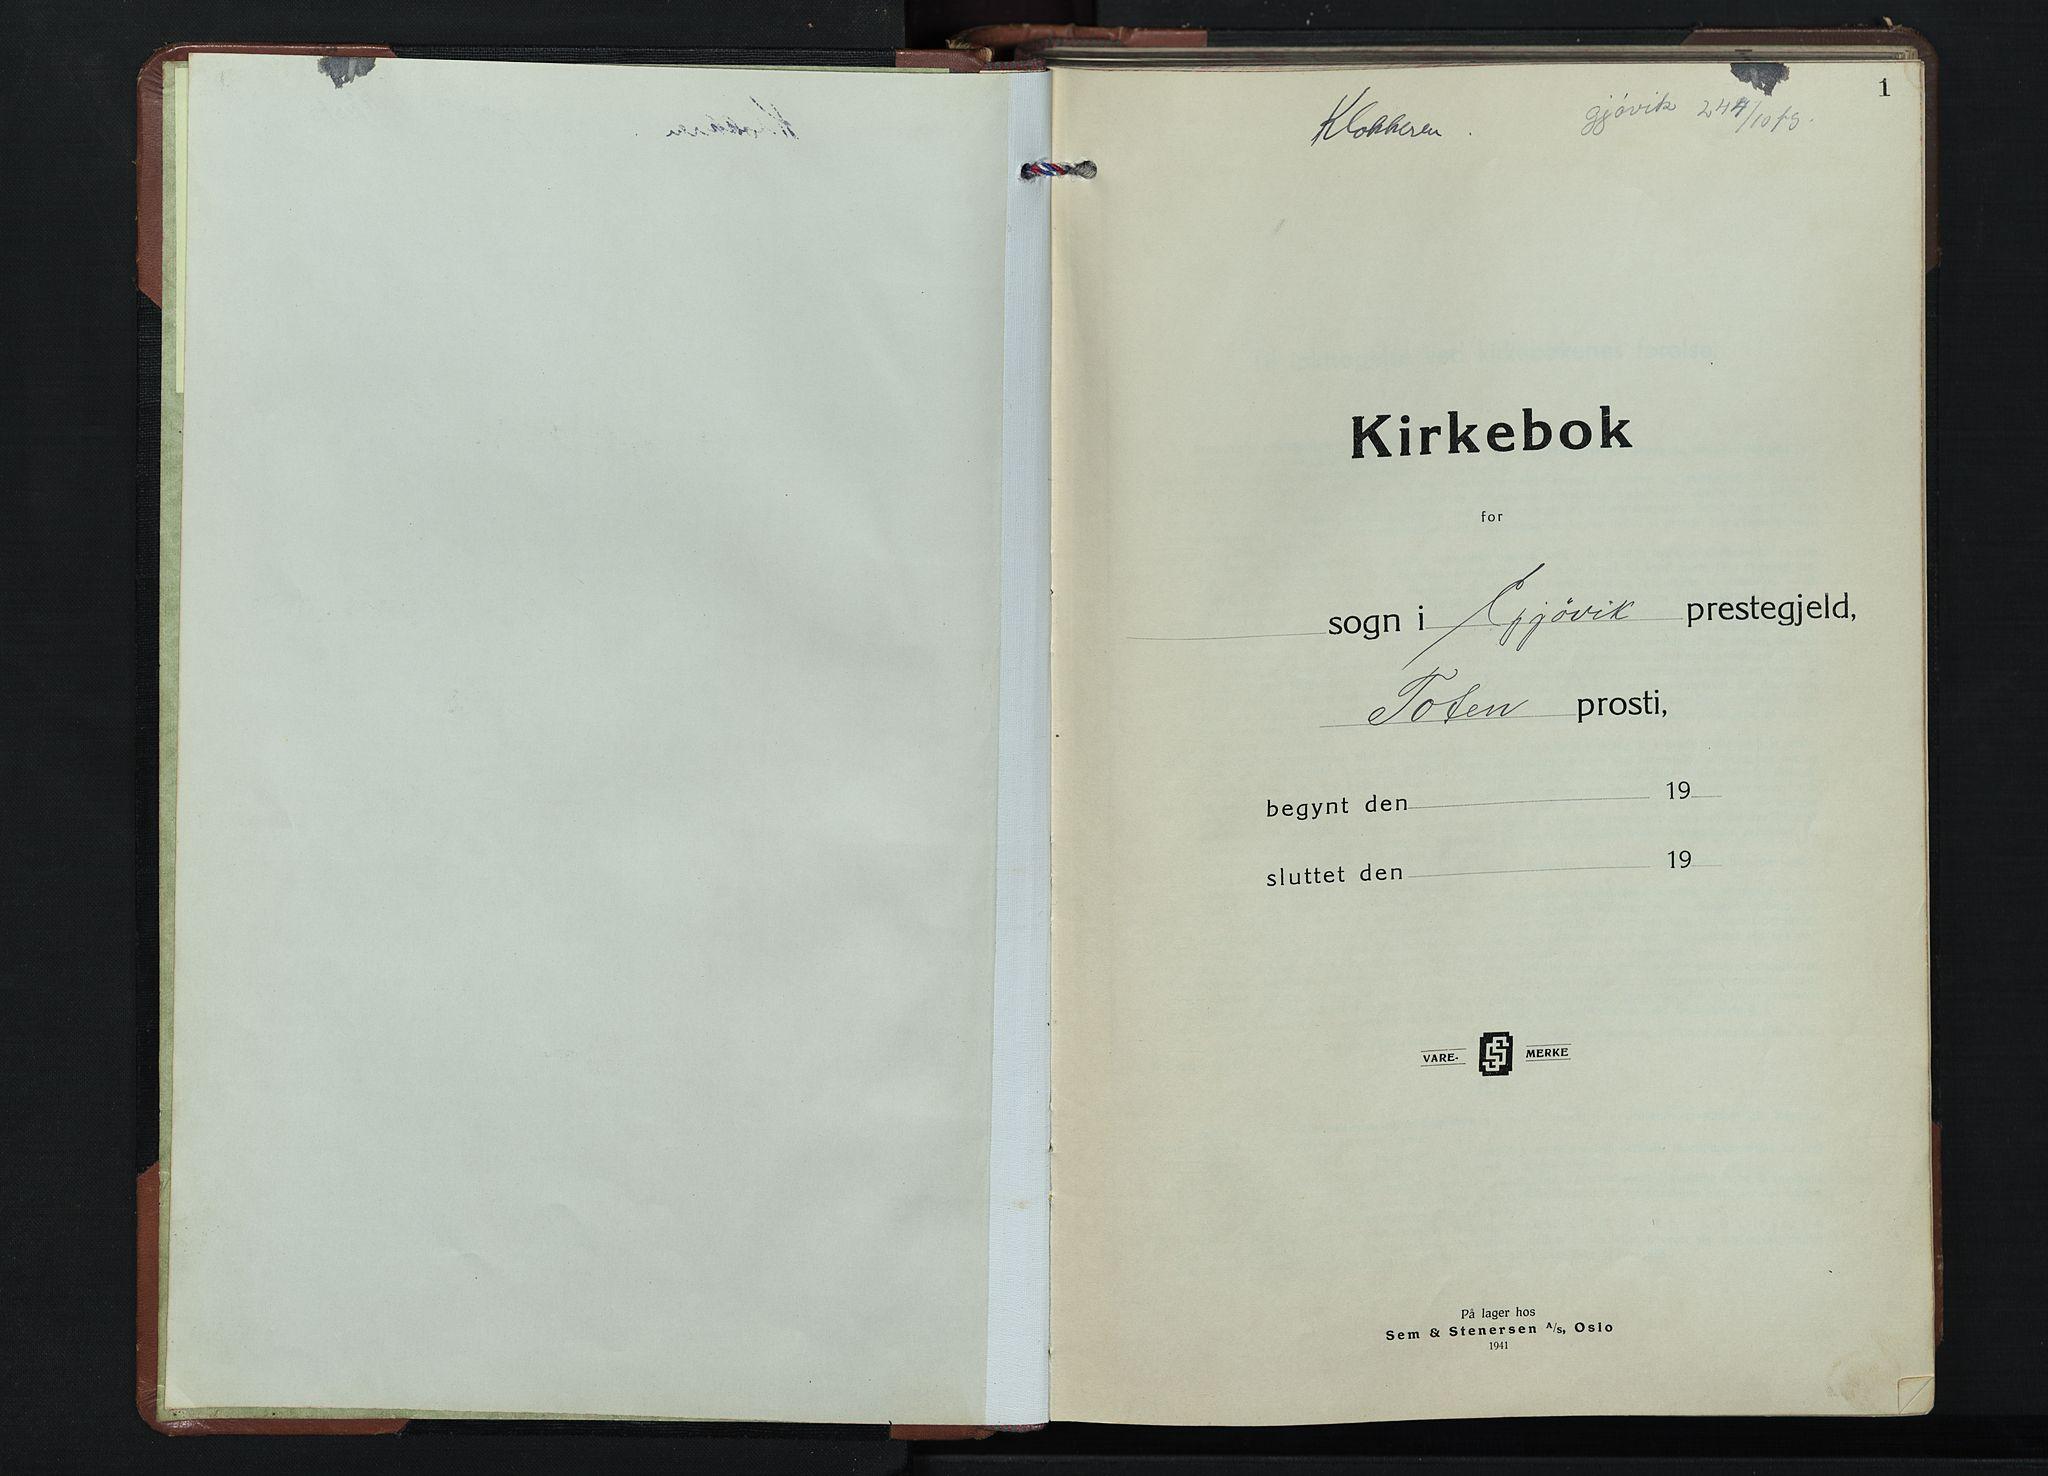 SAH, Gjøvik prestekontor, Klokkerbok nr. 1, 1941-1951, s. 1